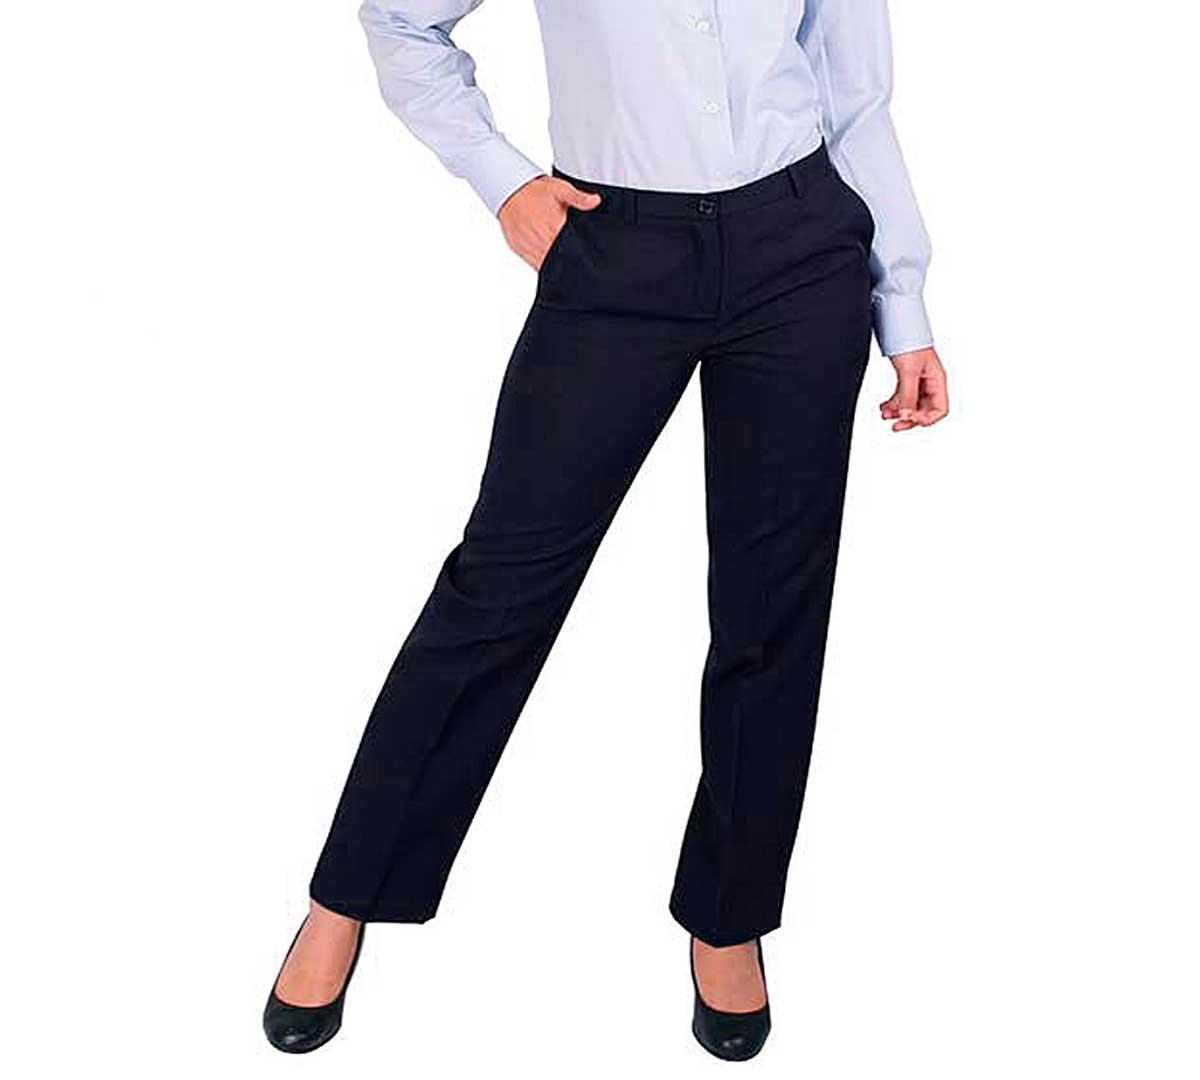 Pantalon Eco Mujer Dacobel S 20 6179 Azul Marino